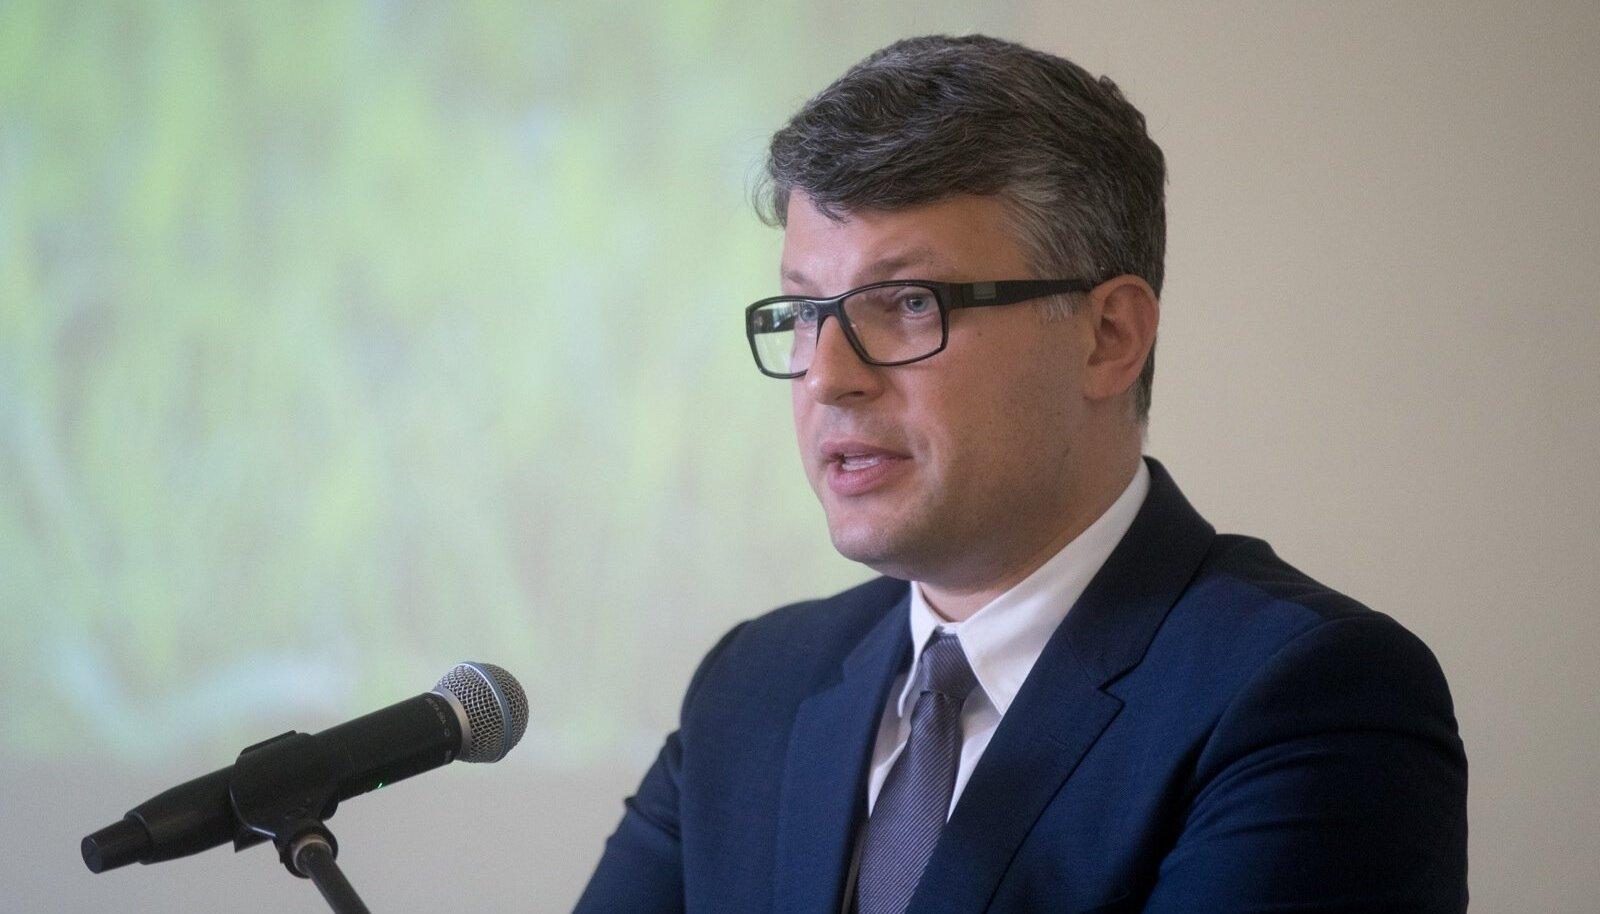 Keskerakonna peasekretär Mihhail Korb ootab, et Edgar Savisaare altkäemaksu protsess jääks erakonna jaoks minevikku.